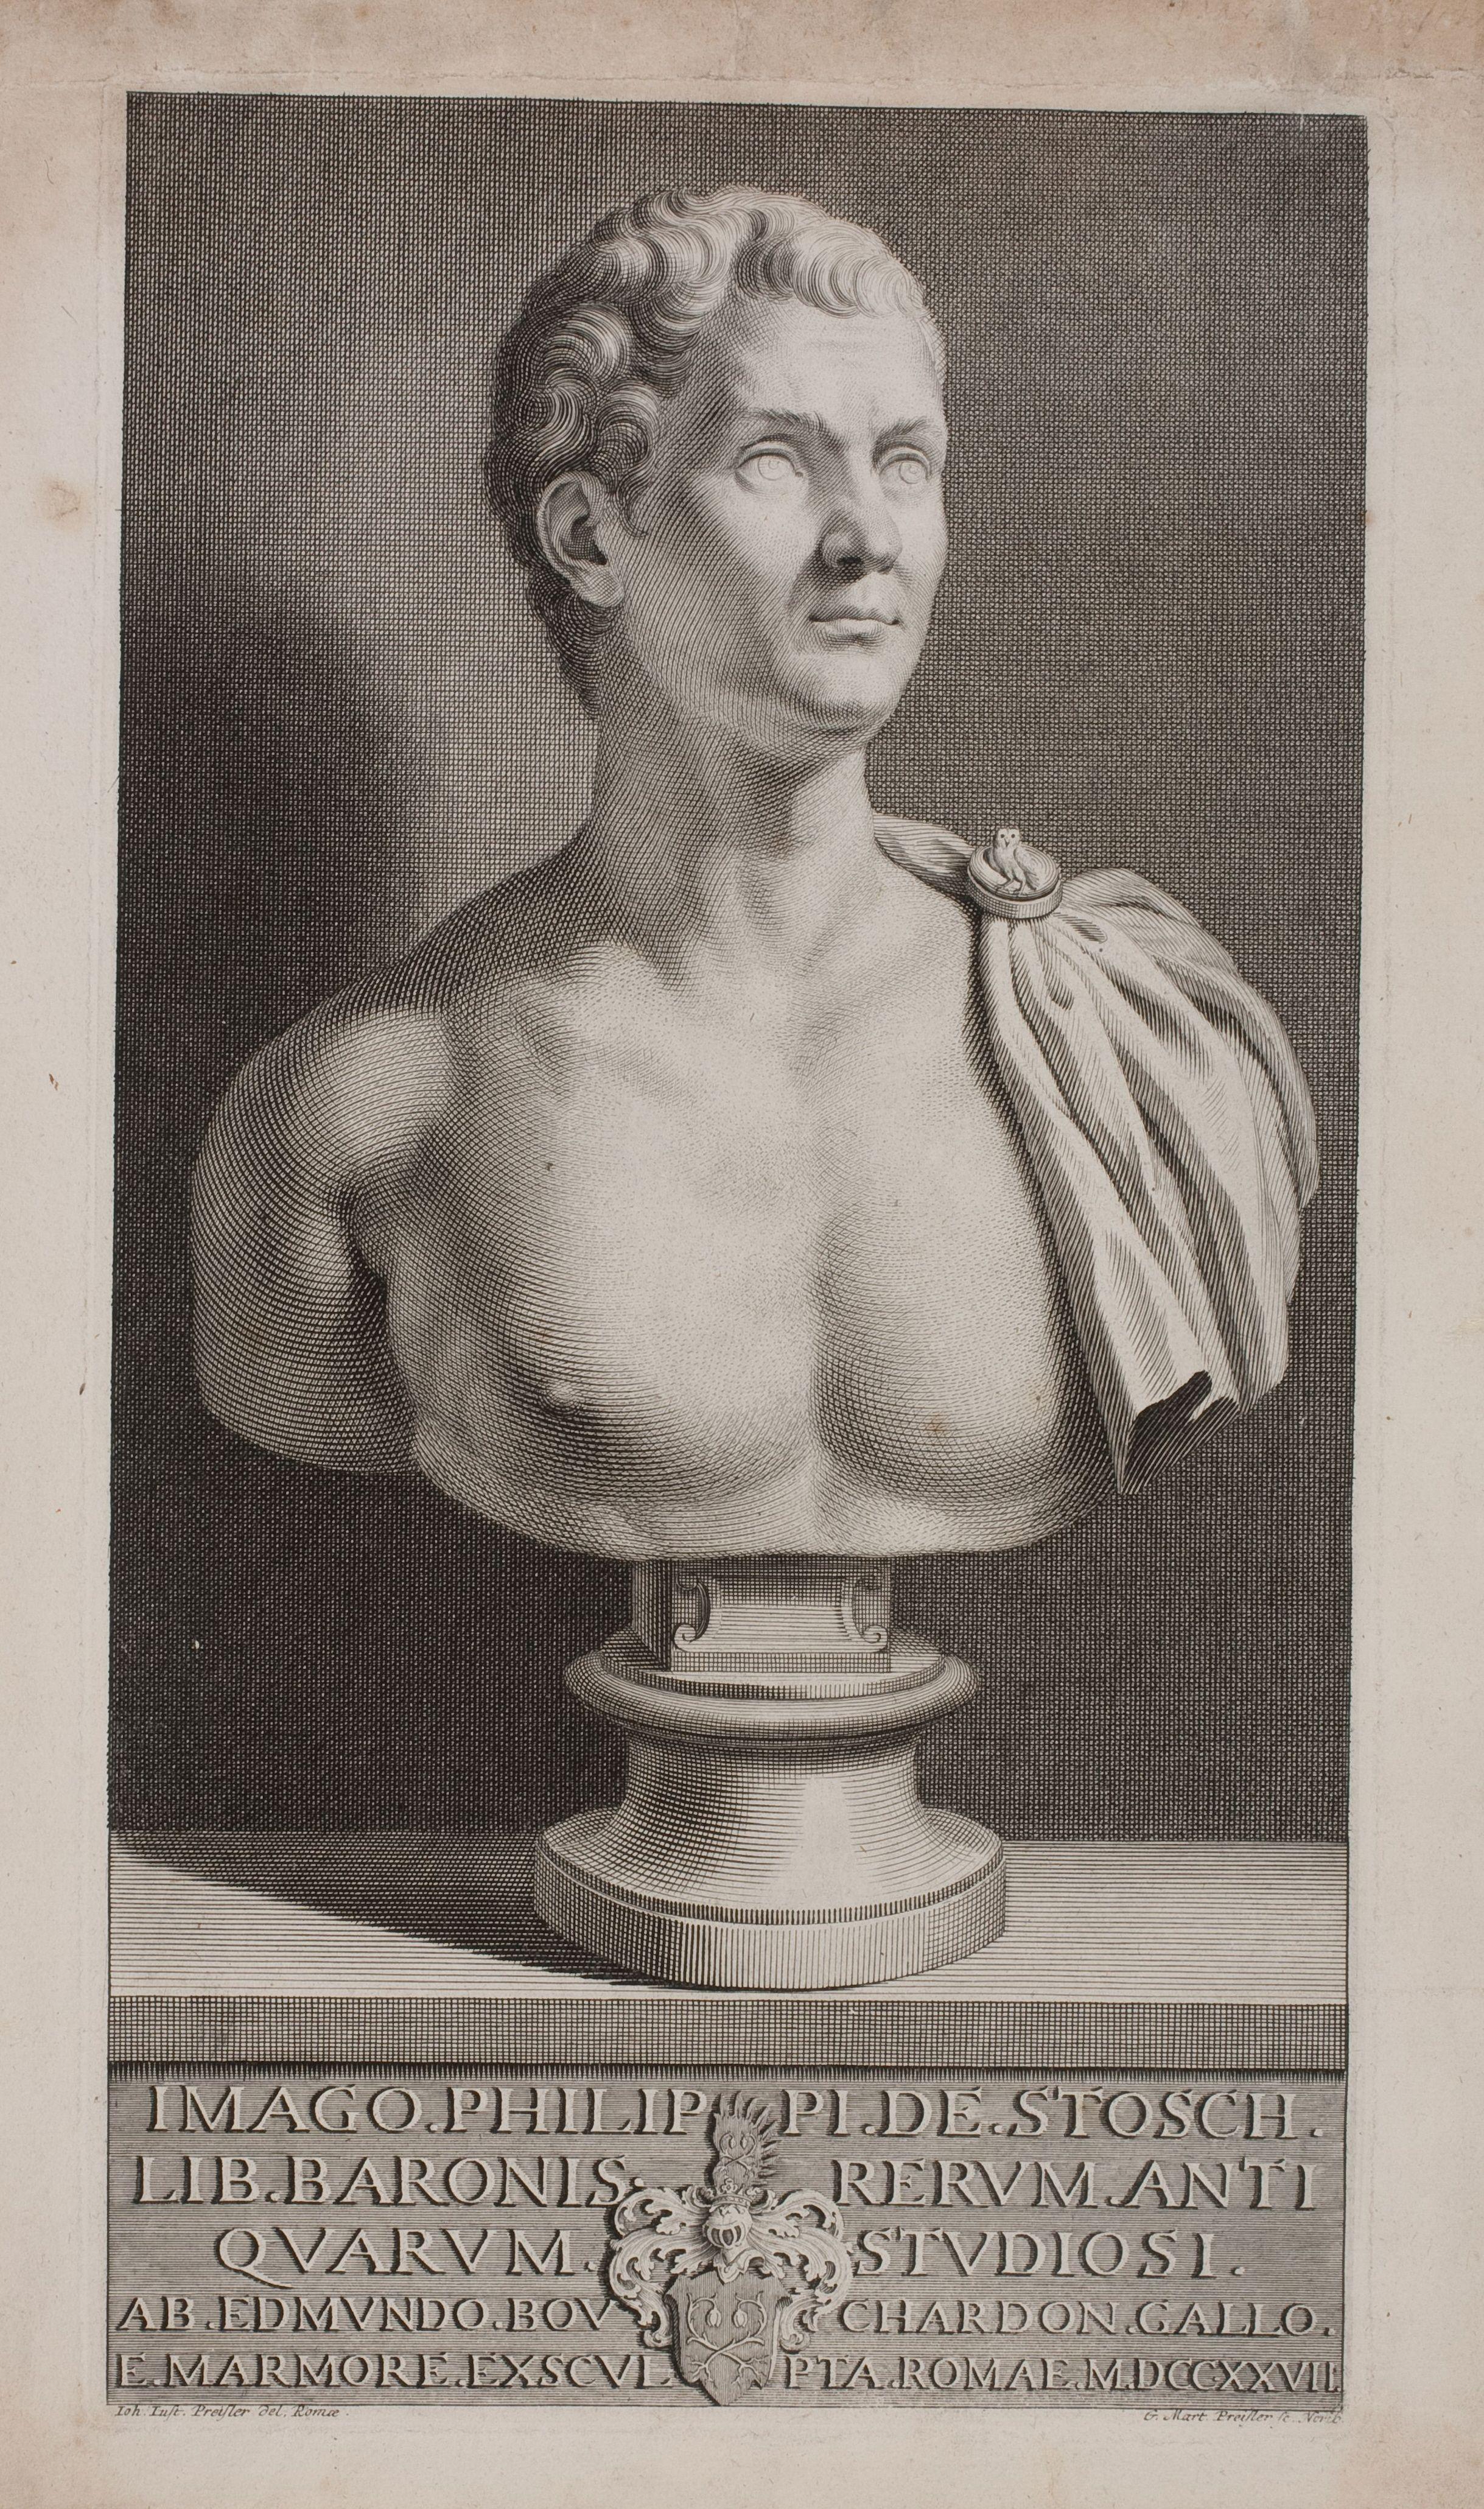 Stosch, Philipp von (1691-1757), engraving by Georg Martin Preisslers from the sculpture of Bouchardon